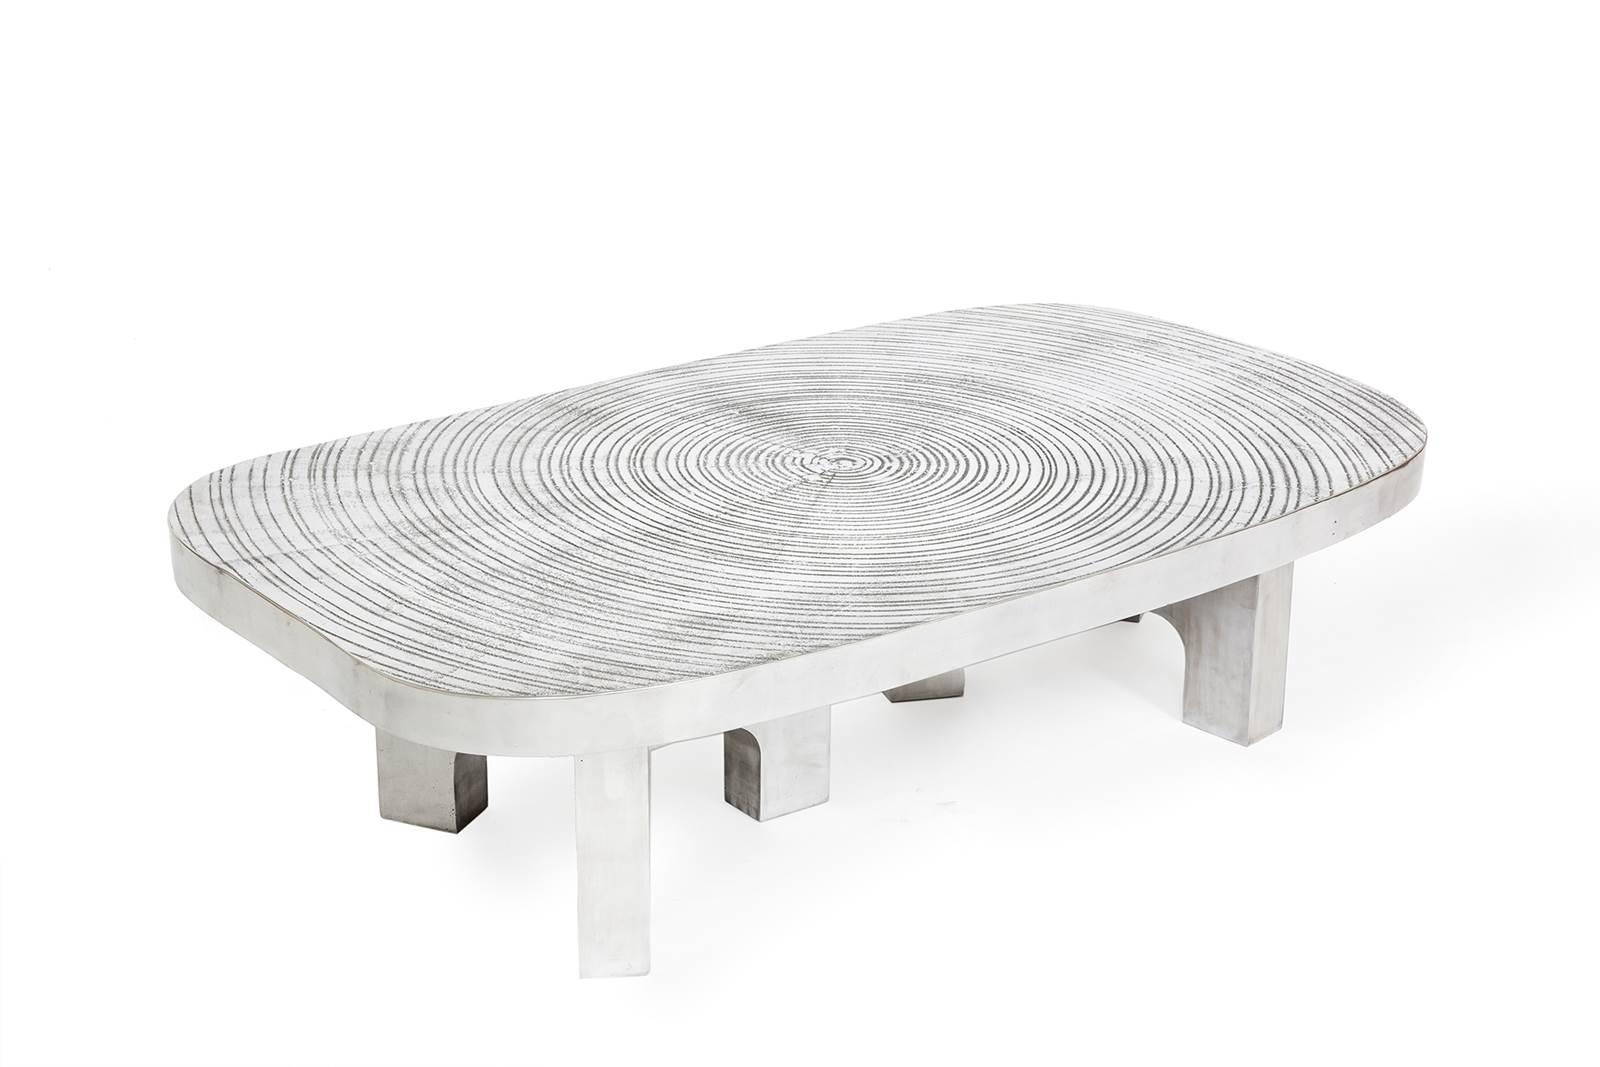 ado chale 39 goutte d 39 eau 39 table. Black Bedroom Furniture Sets. Home Design Ideas